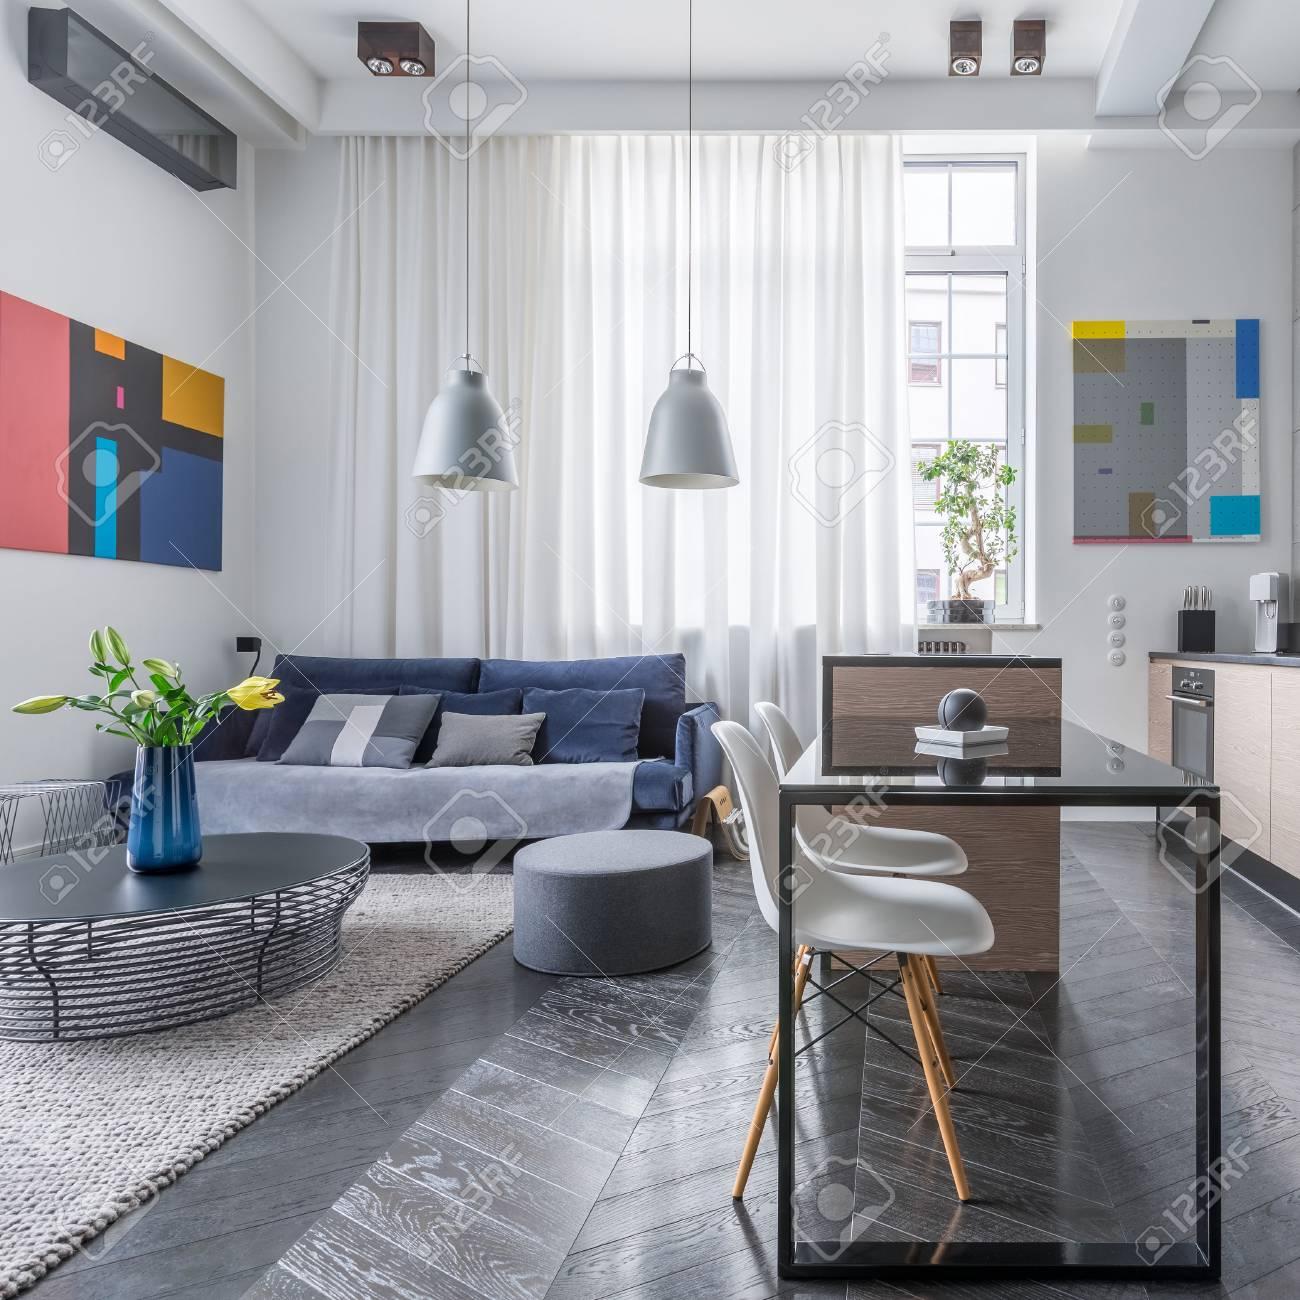 Moderne wohnzimmer mit offener küche  Modernes Apartment Mit Wohnzimmer Und Offener Küche Lizenzfreie ...